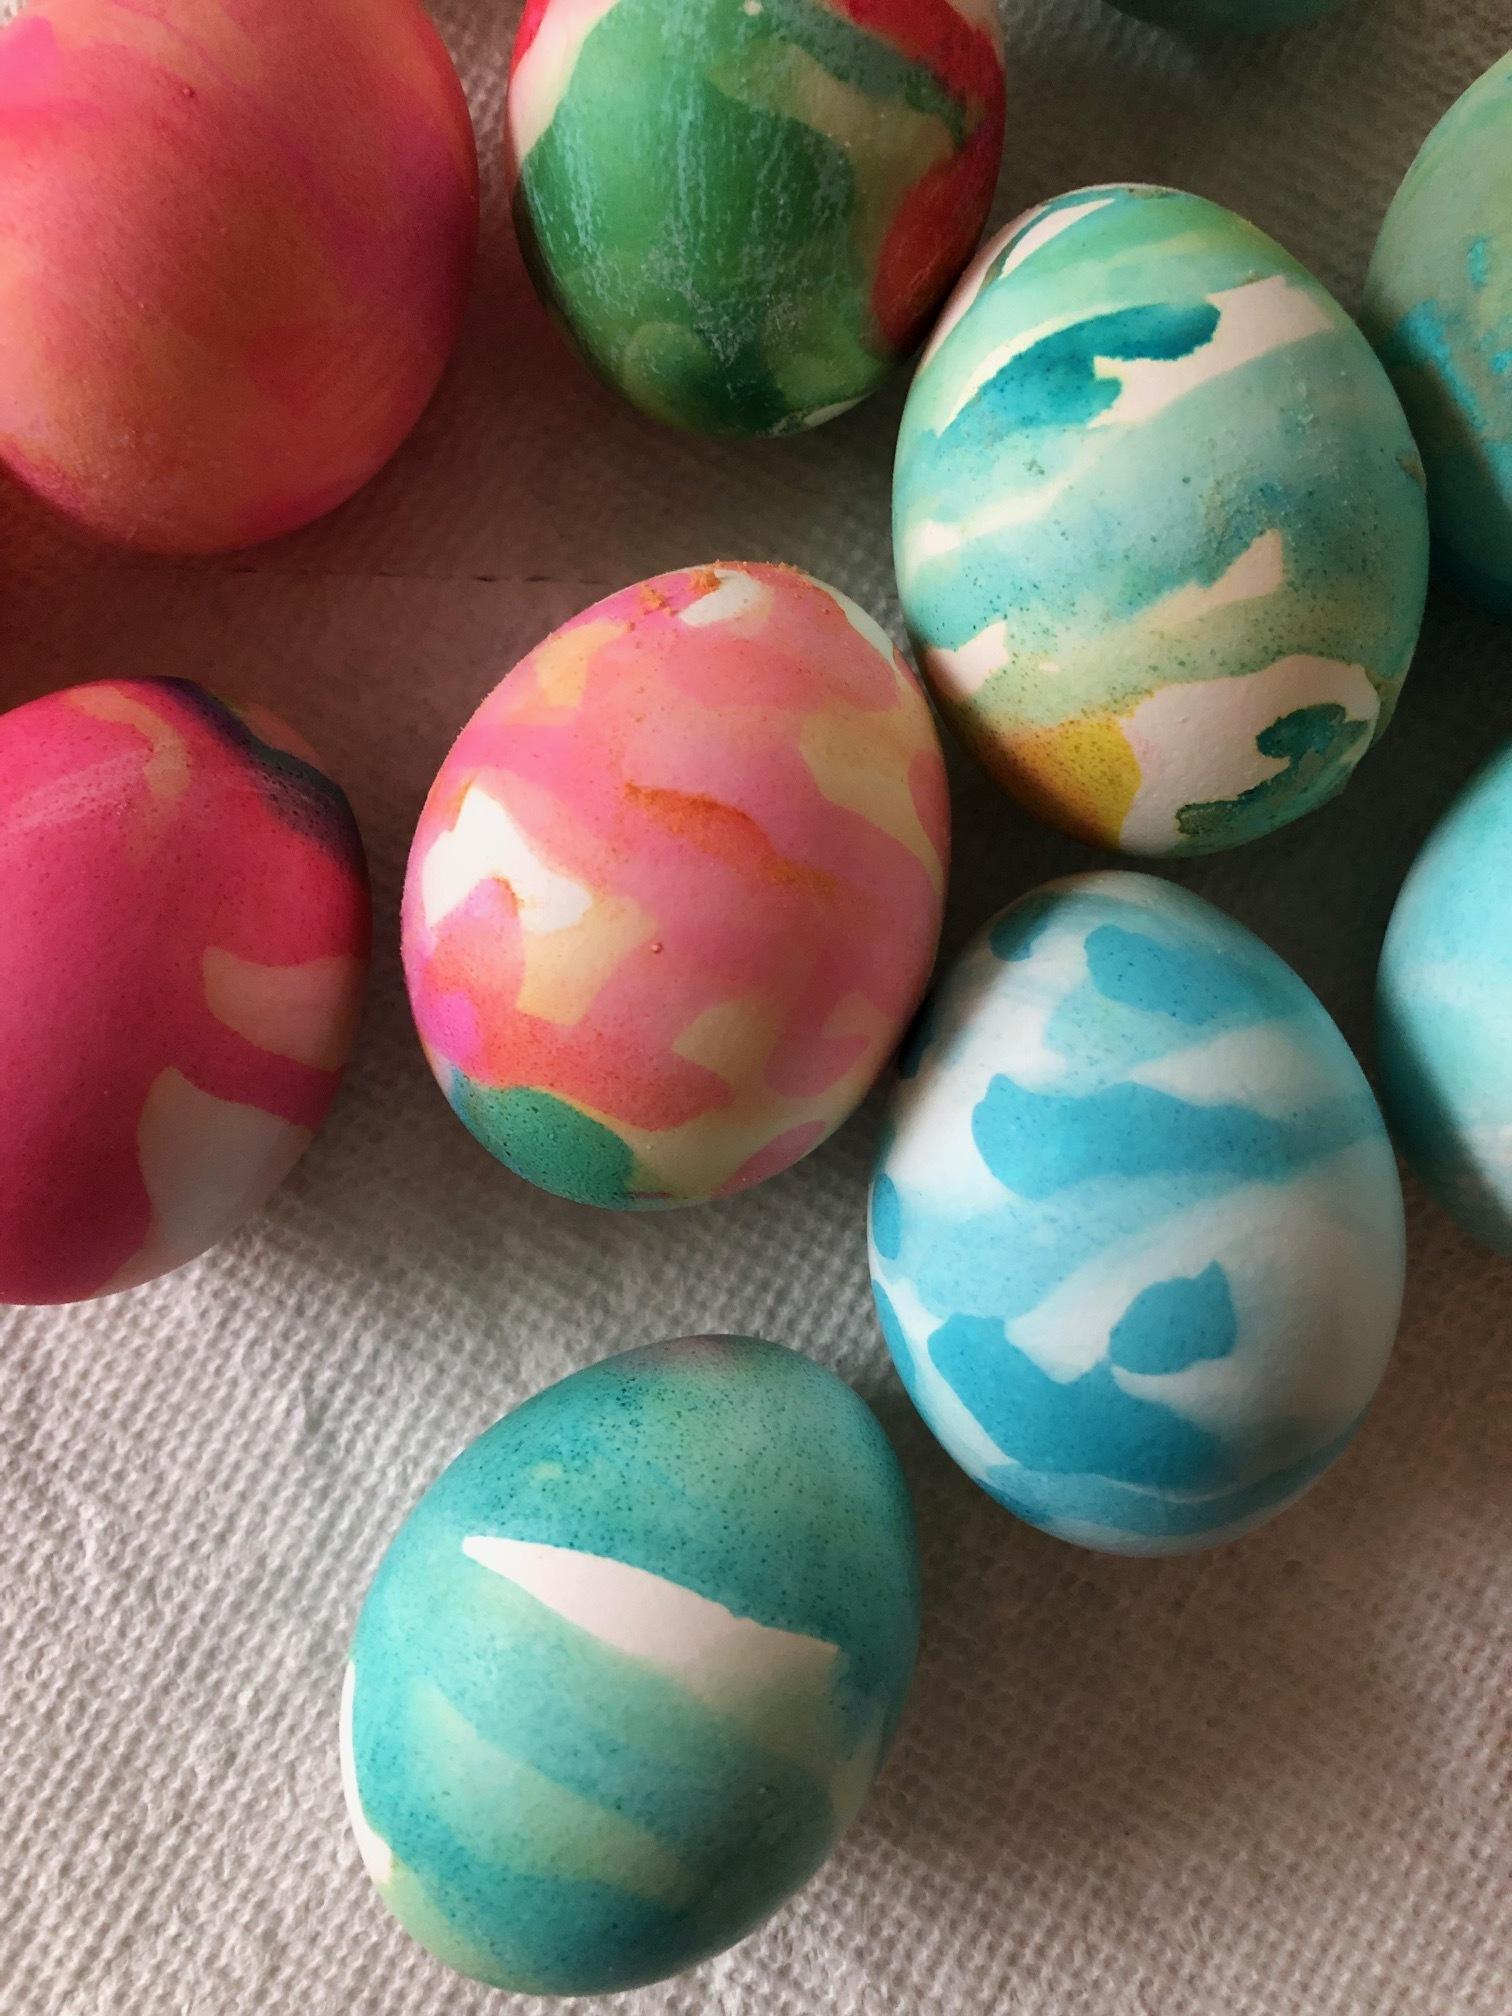 Many Eggs Close-up